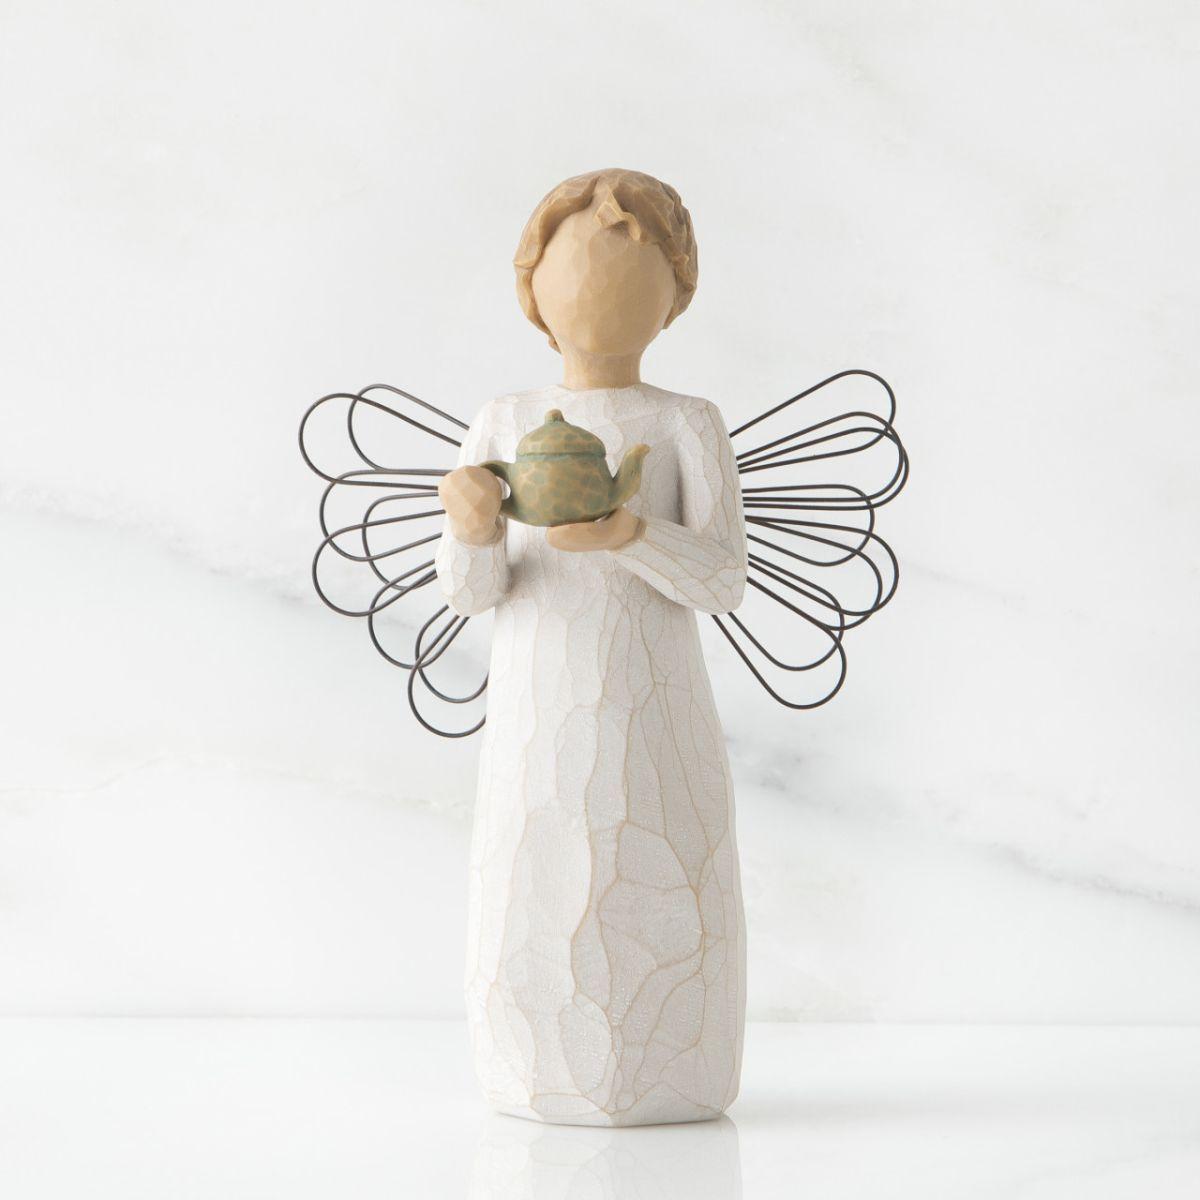 ウィローツリー天使像 【Angel of the kitchen】 - キッチン